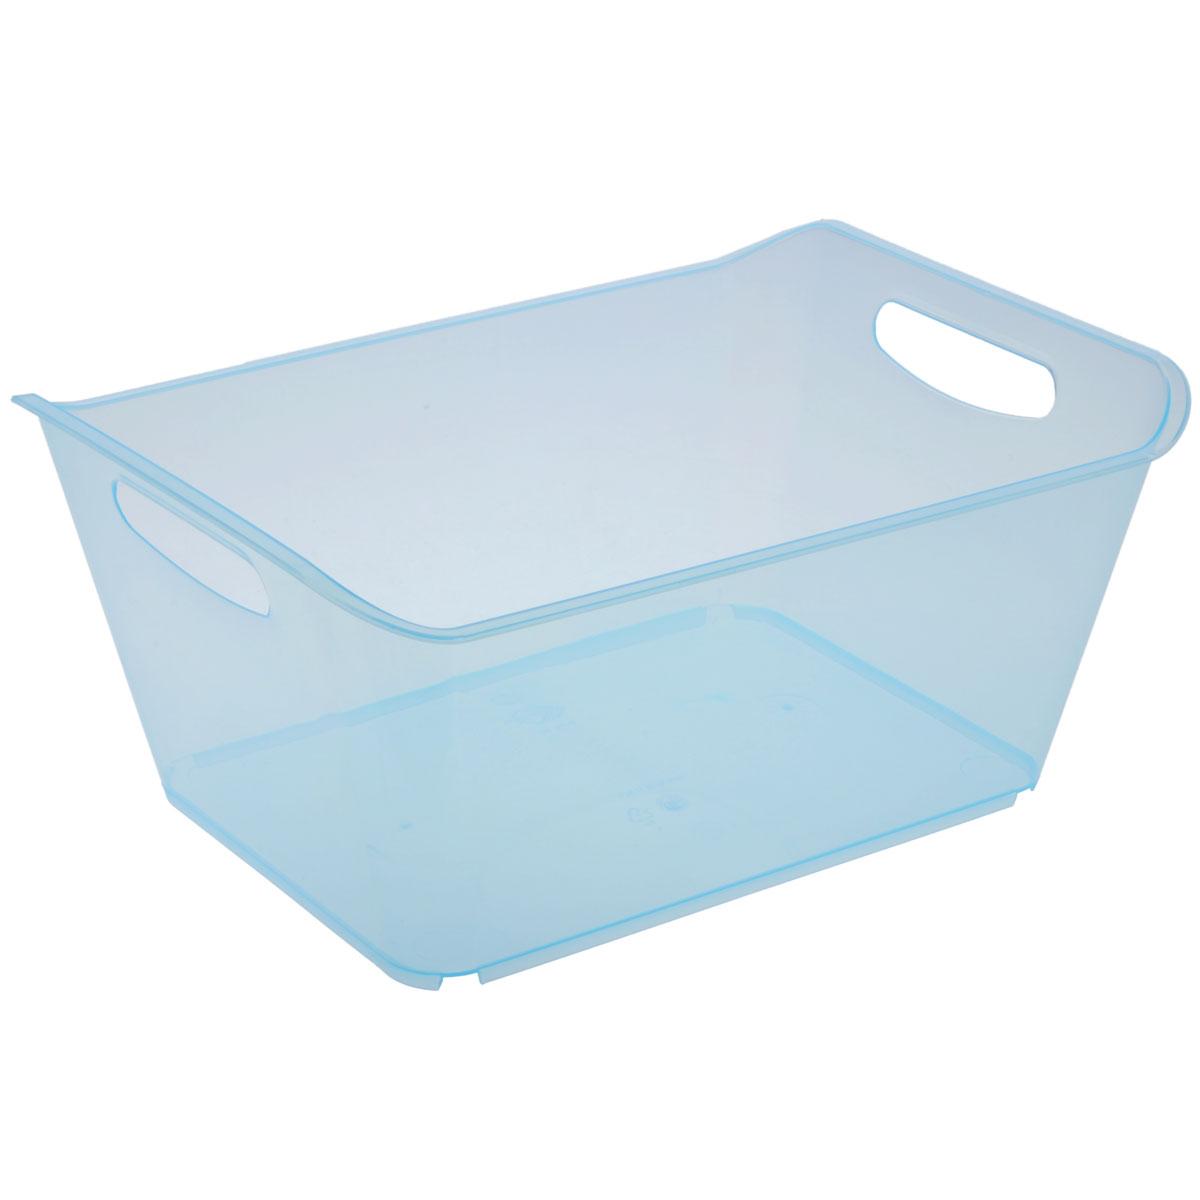 Контейнер Gensini, цвет: голубой, 18 лU210DFКонтейнер Gensini выполнен из прочного пластика. Он предназначен для хранения различных мелких вещей в ванной, на кухне, даче или гараже, исключая возможность их потери. По бокам контейнера предусмотрены две удобные ручки для его переноски.Контейнер поможет хранить все в одном месте, а также защитить вещи от пыли, грязи и влаги. Объем: 18 л.